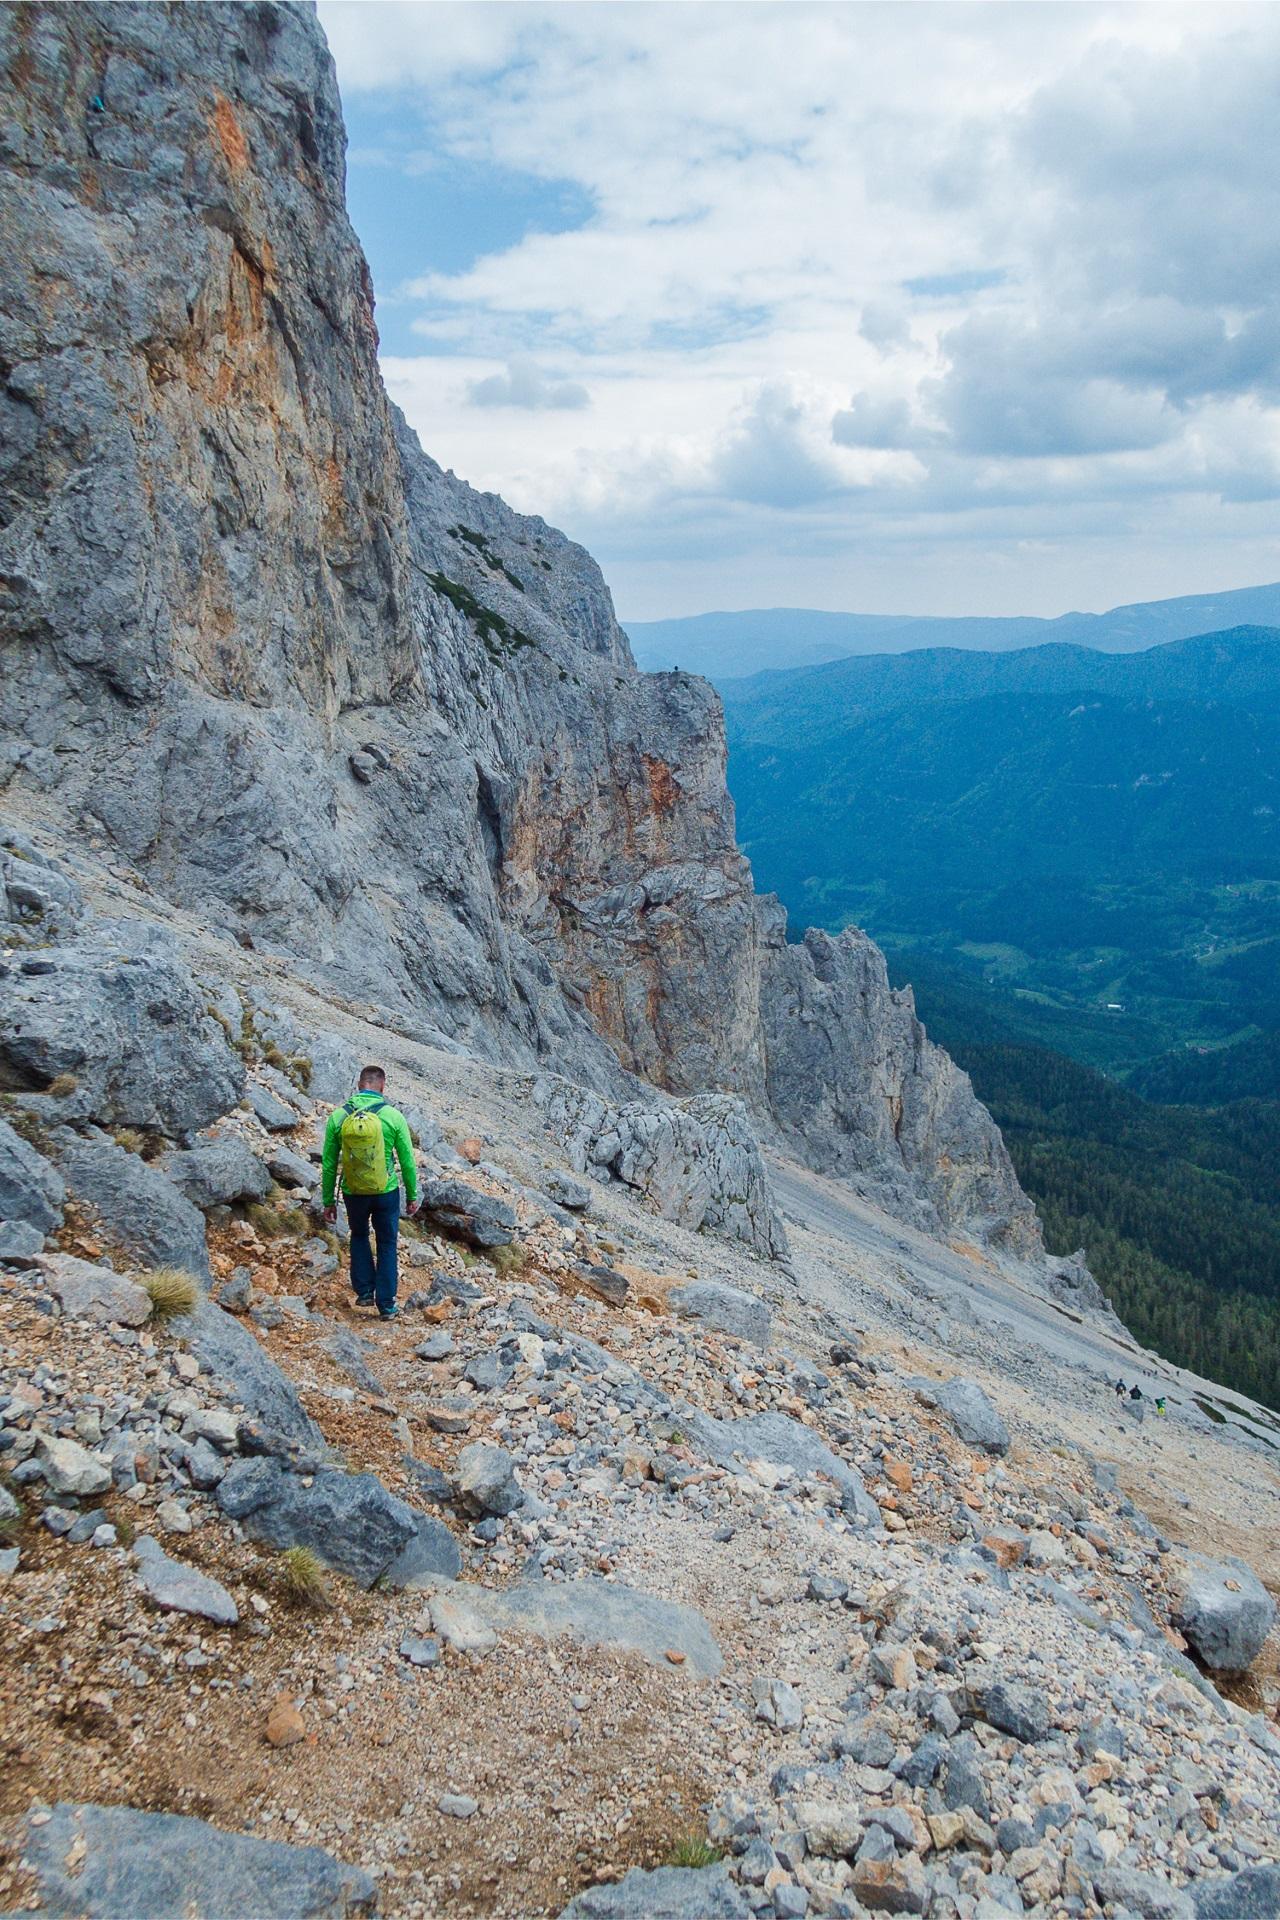 Ostatni fragment podejścia pod ferratę Konigschusswandsteig zajmuje około 30 minut